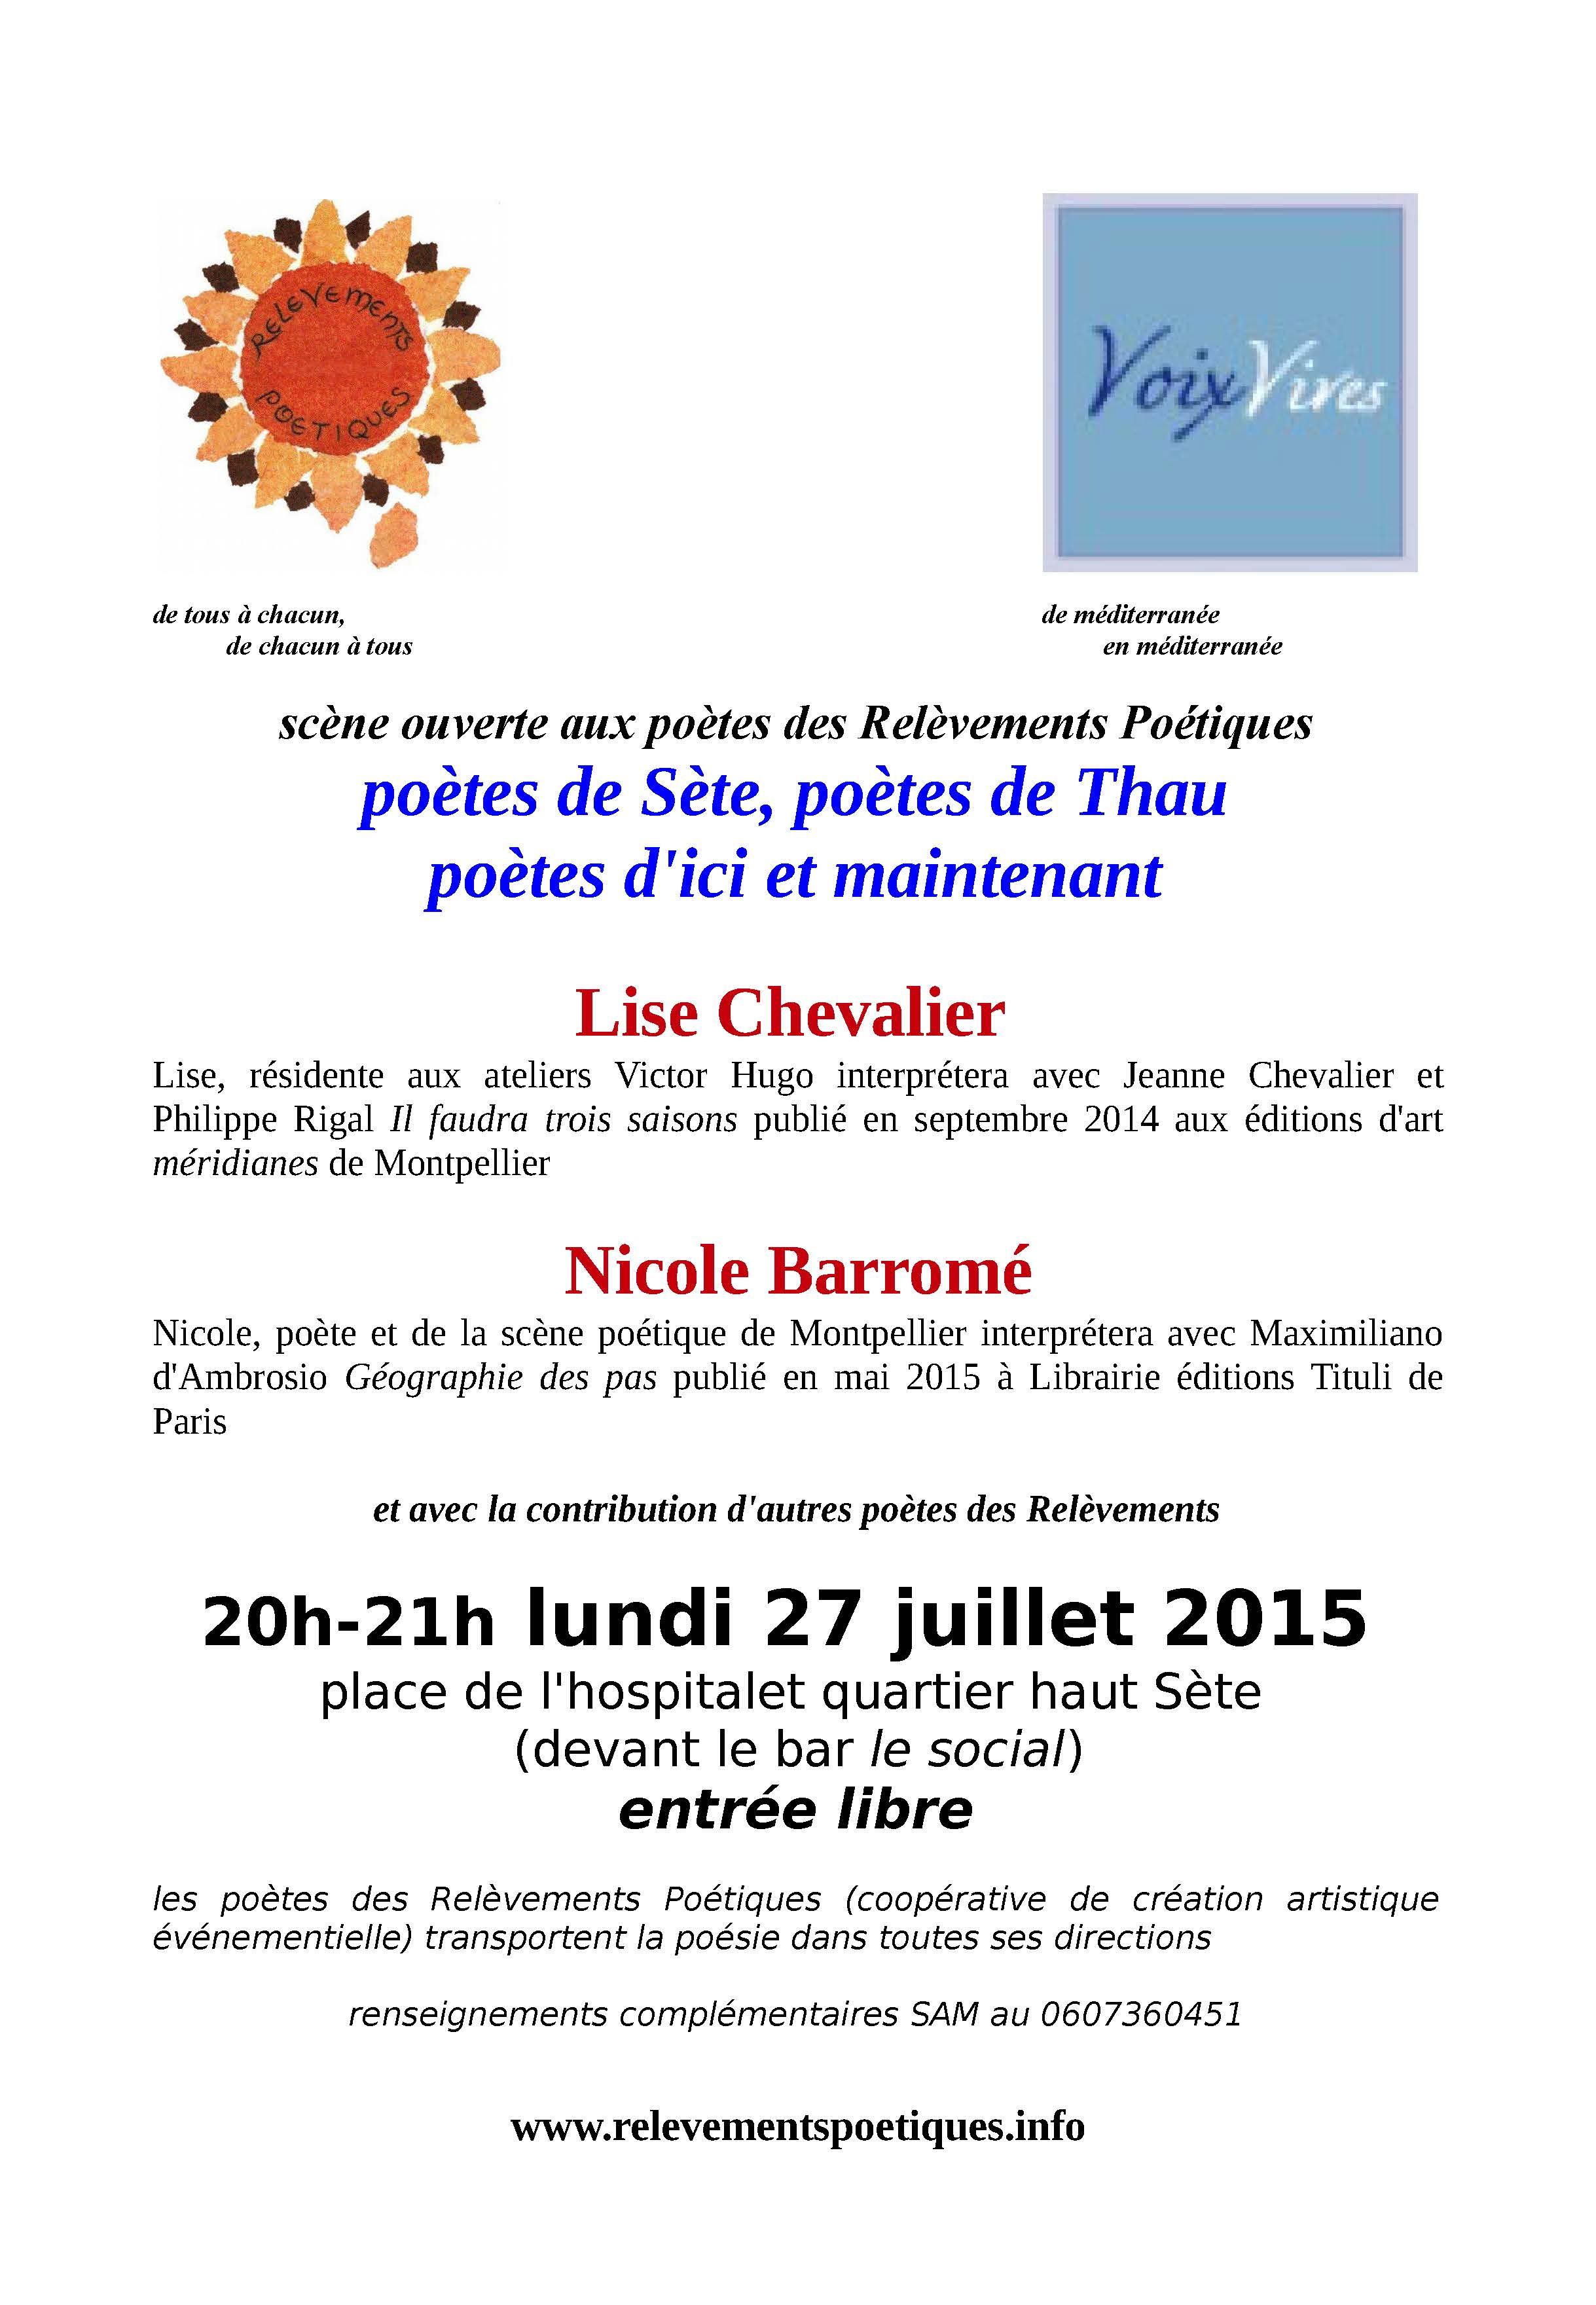 """Lecture """"Il faudra trois saisons"""", de Lise Chevalier – festival Voix Vives – 27 juillet 2015 – Sète"""